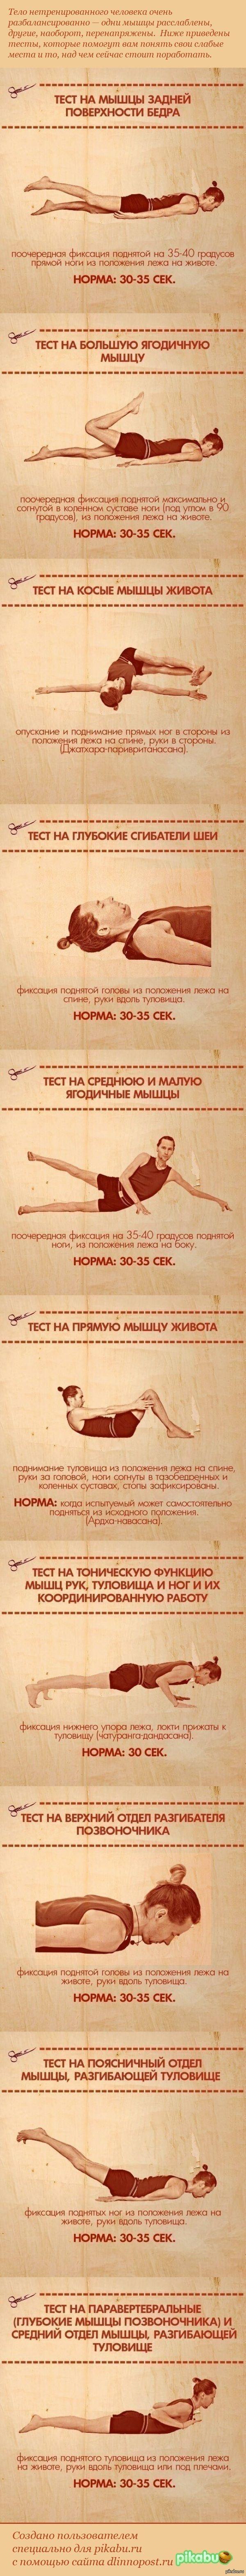 10 упражнений, которые покажут ваши слабые места   Здоровье, ВКонтакте, Физминутка, Баянометр дурит, длиннопост